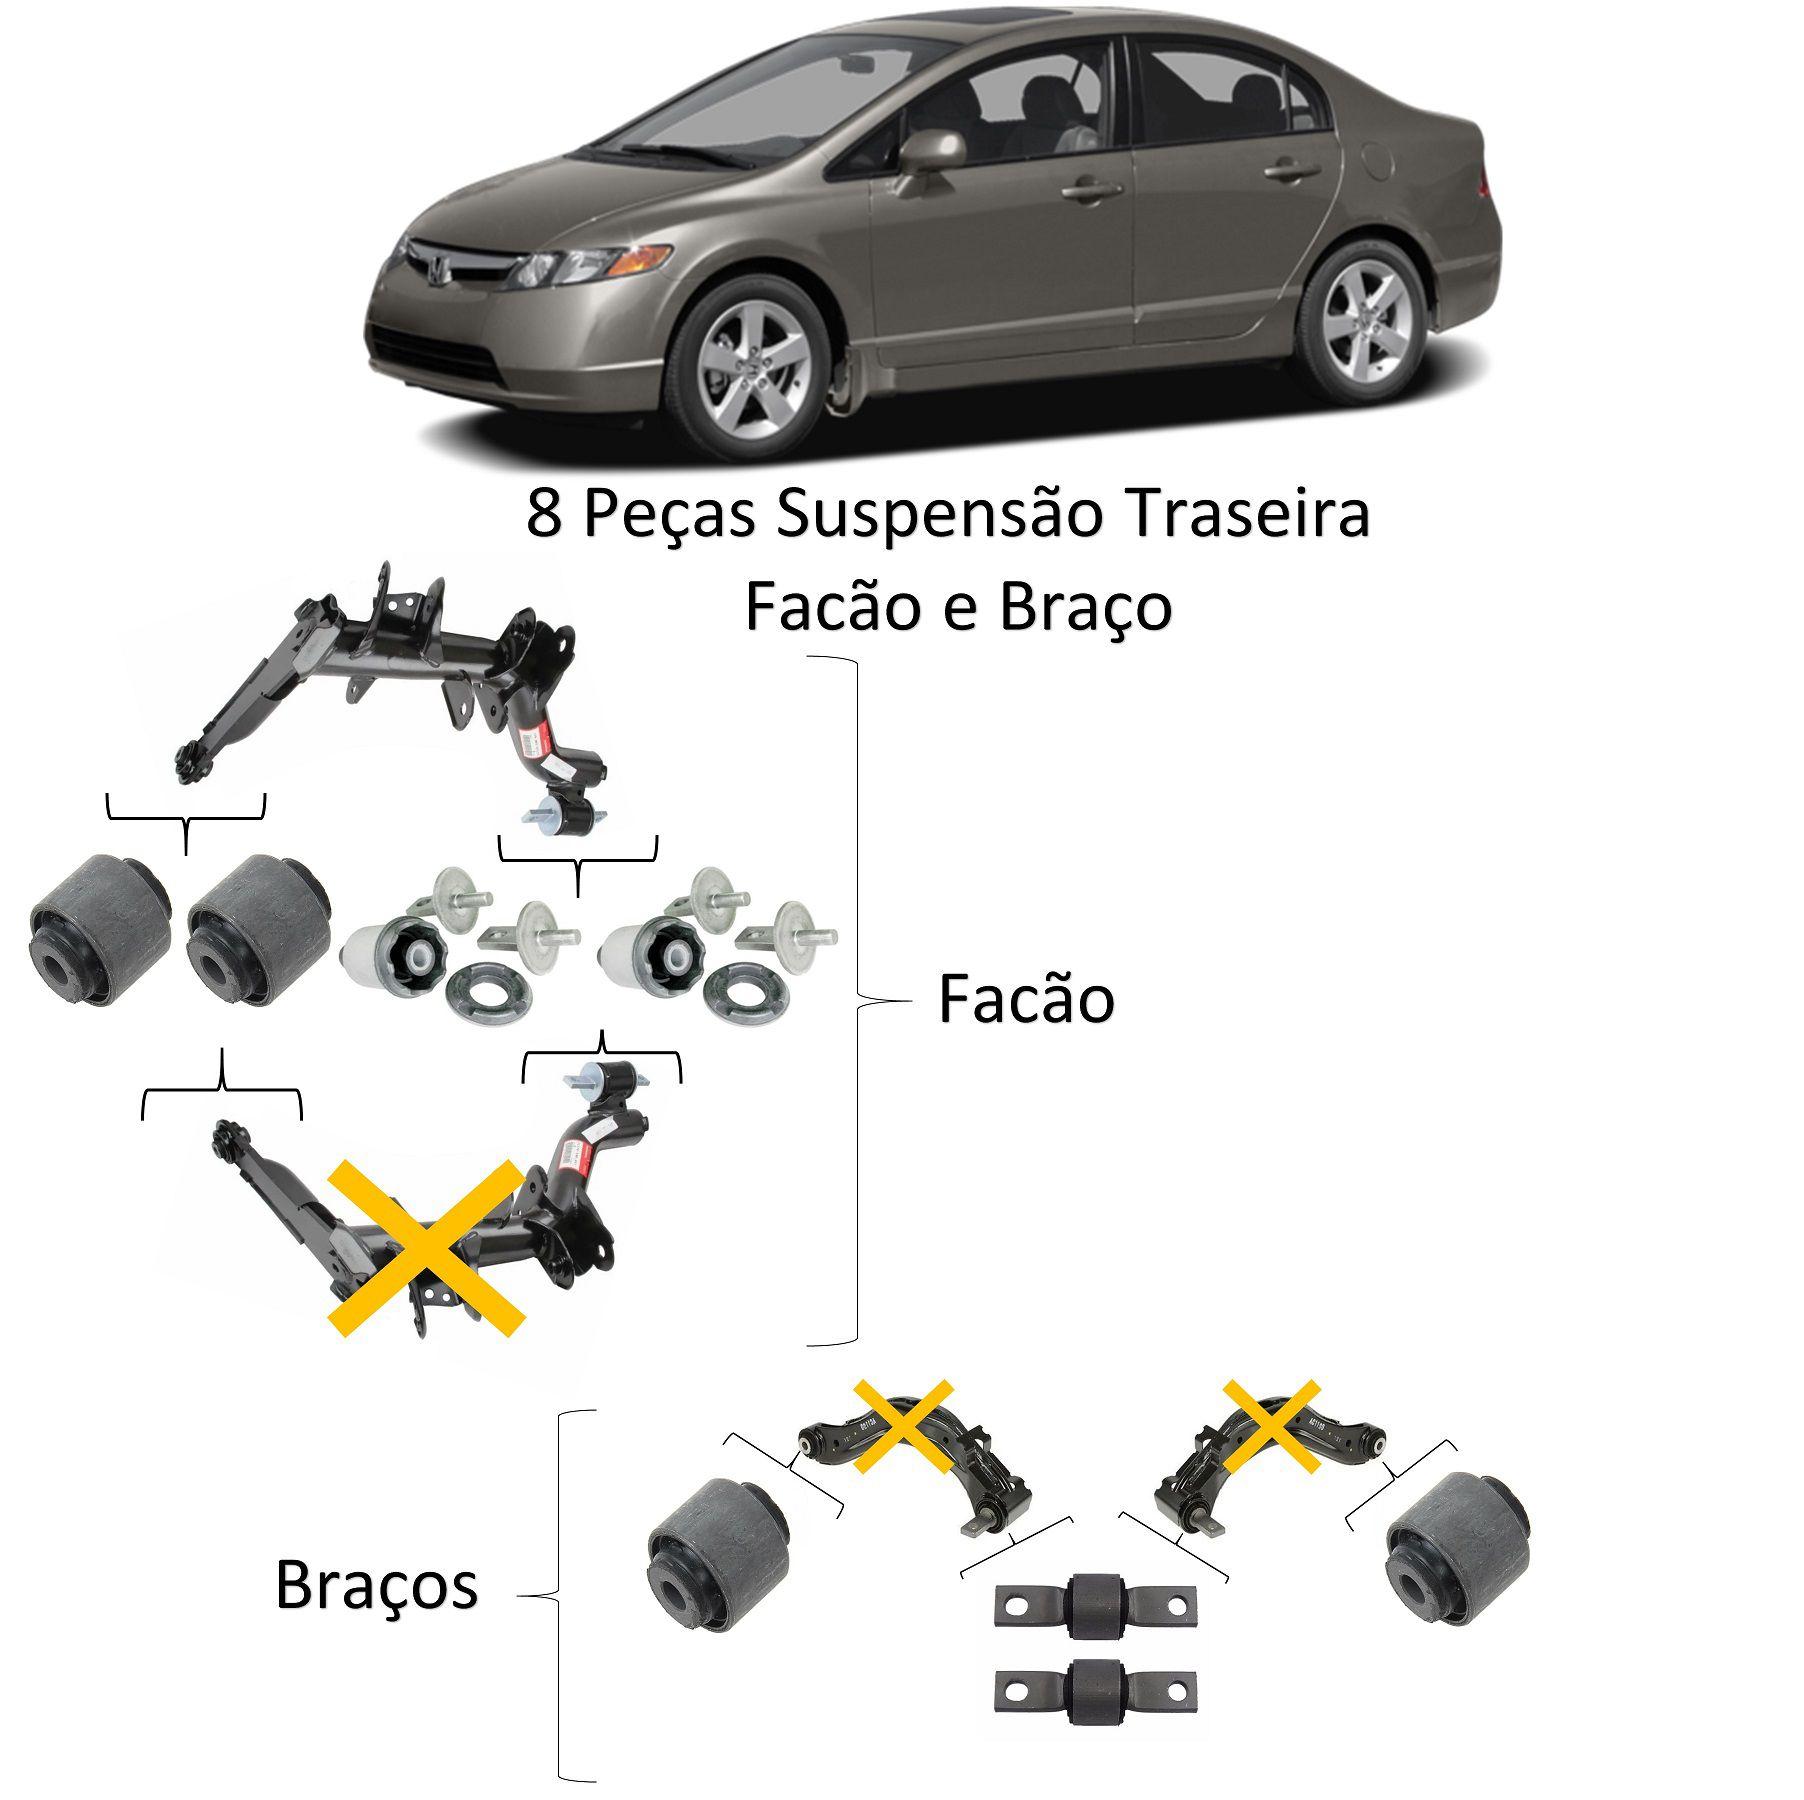 Kit Bucha Braço Facão Eixo Traseiro New Civic 2006 2012